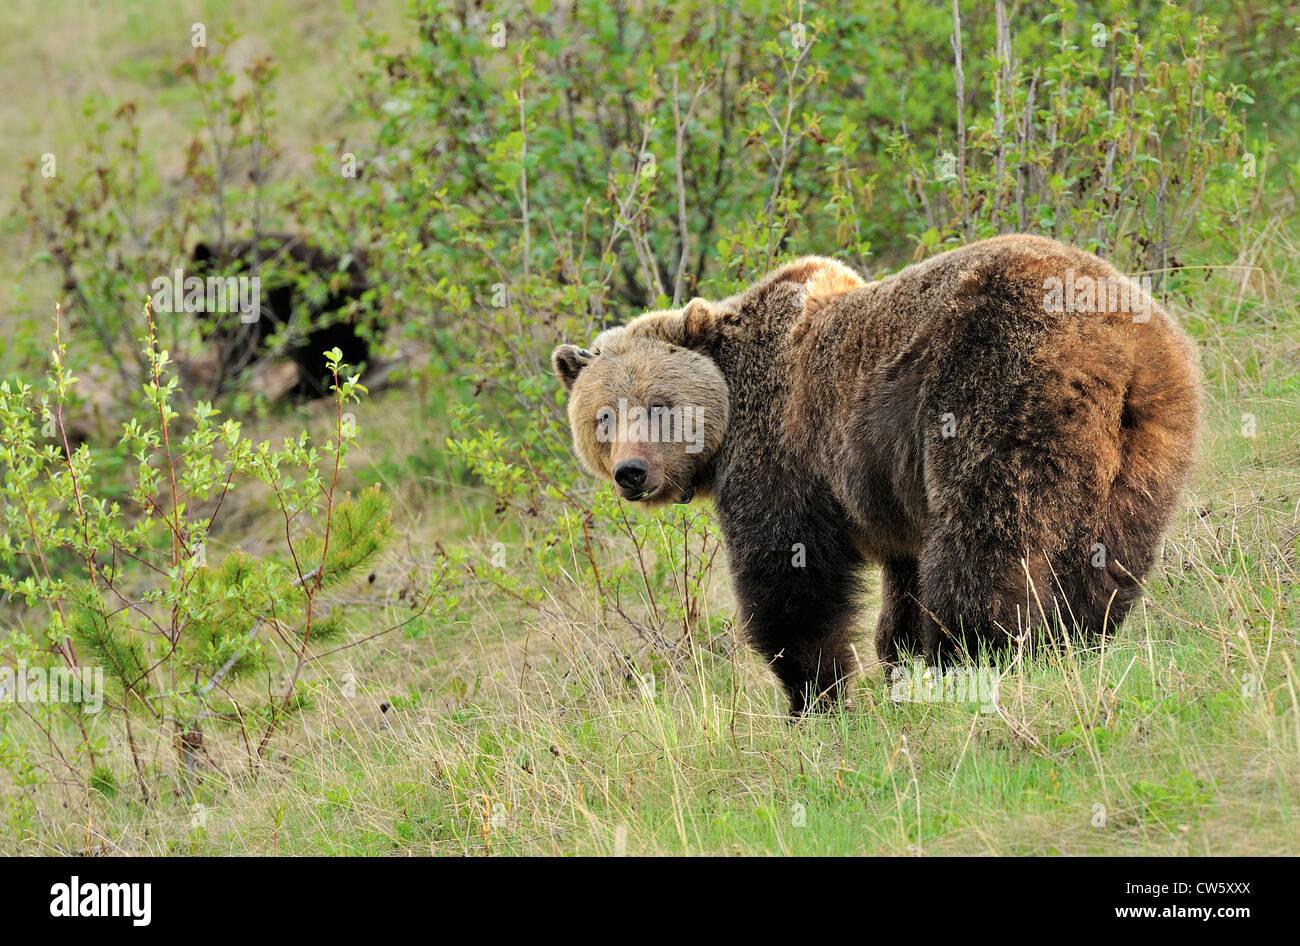 Eine Erwachsene Mutter Grizzly Bär auf der Suche zurück, als sie eine Bergwiese im Frühling überquert. Stockbild